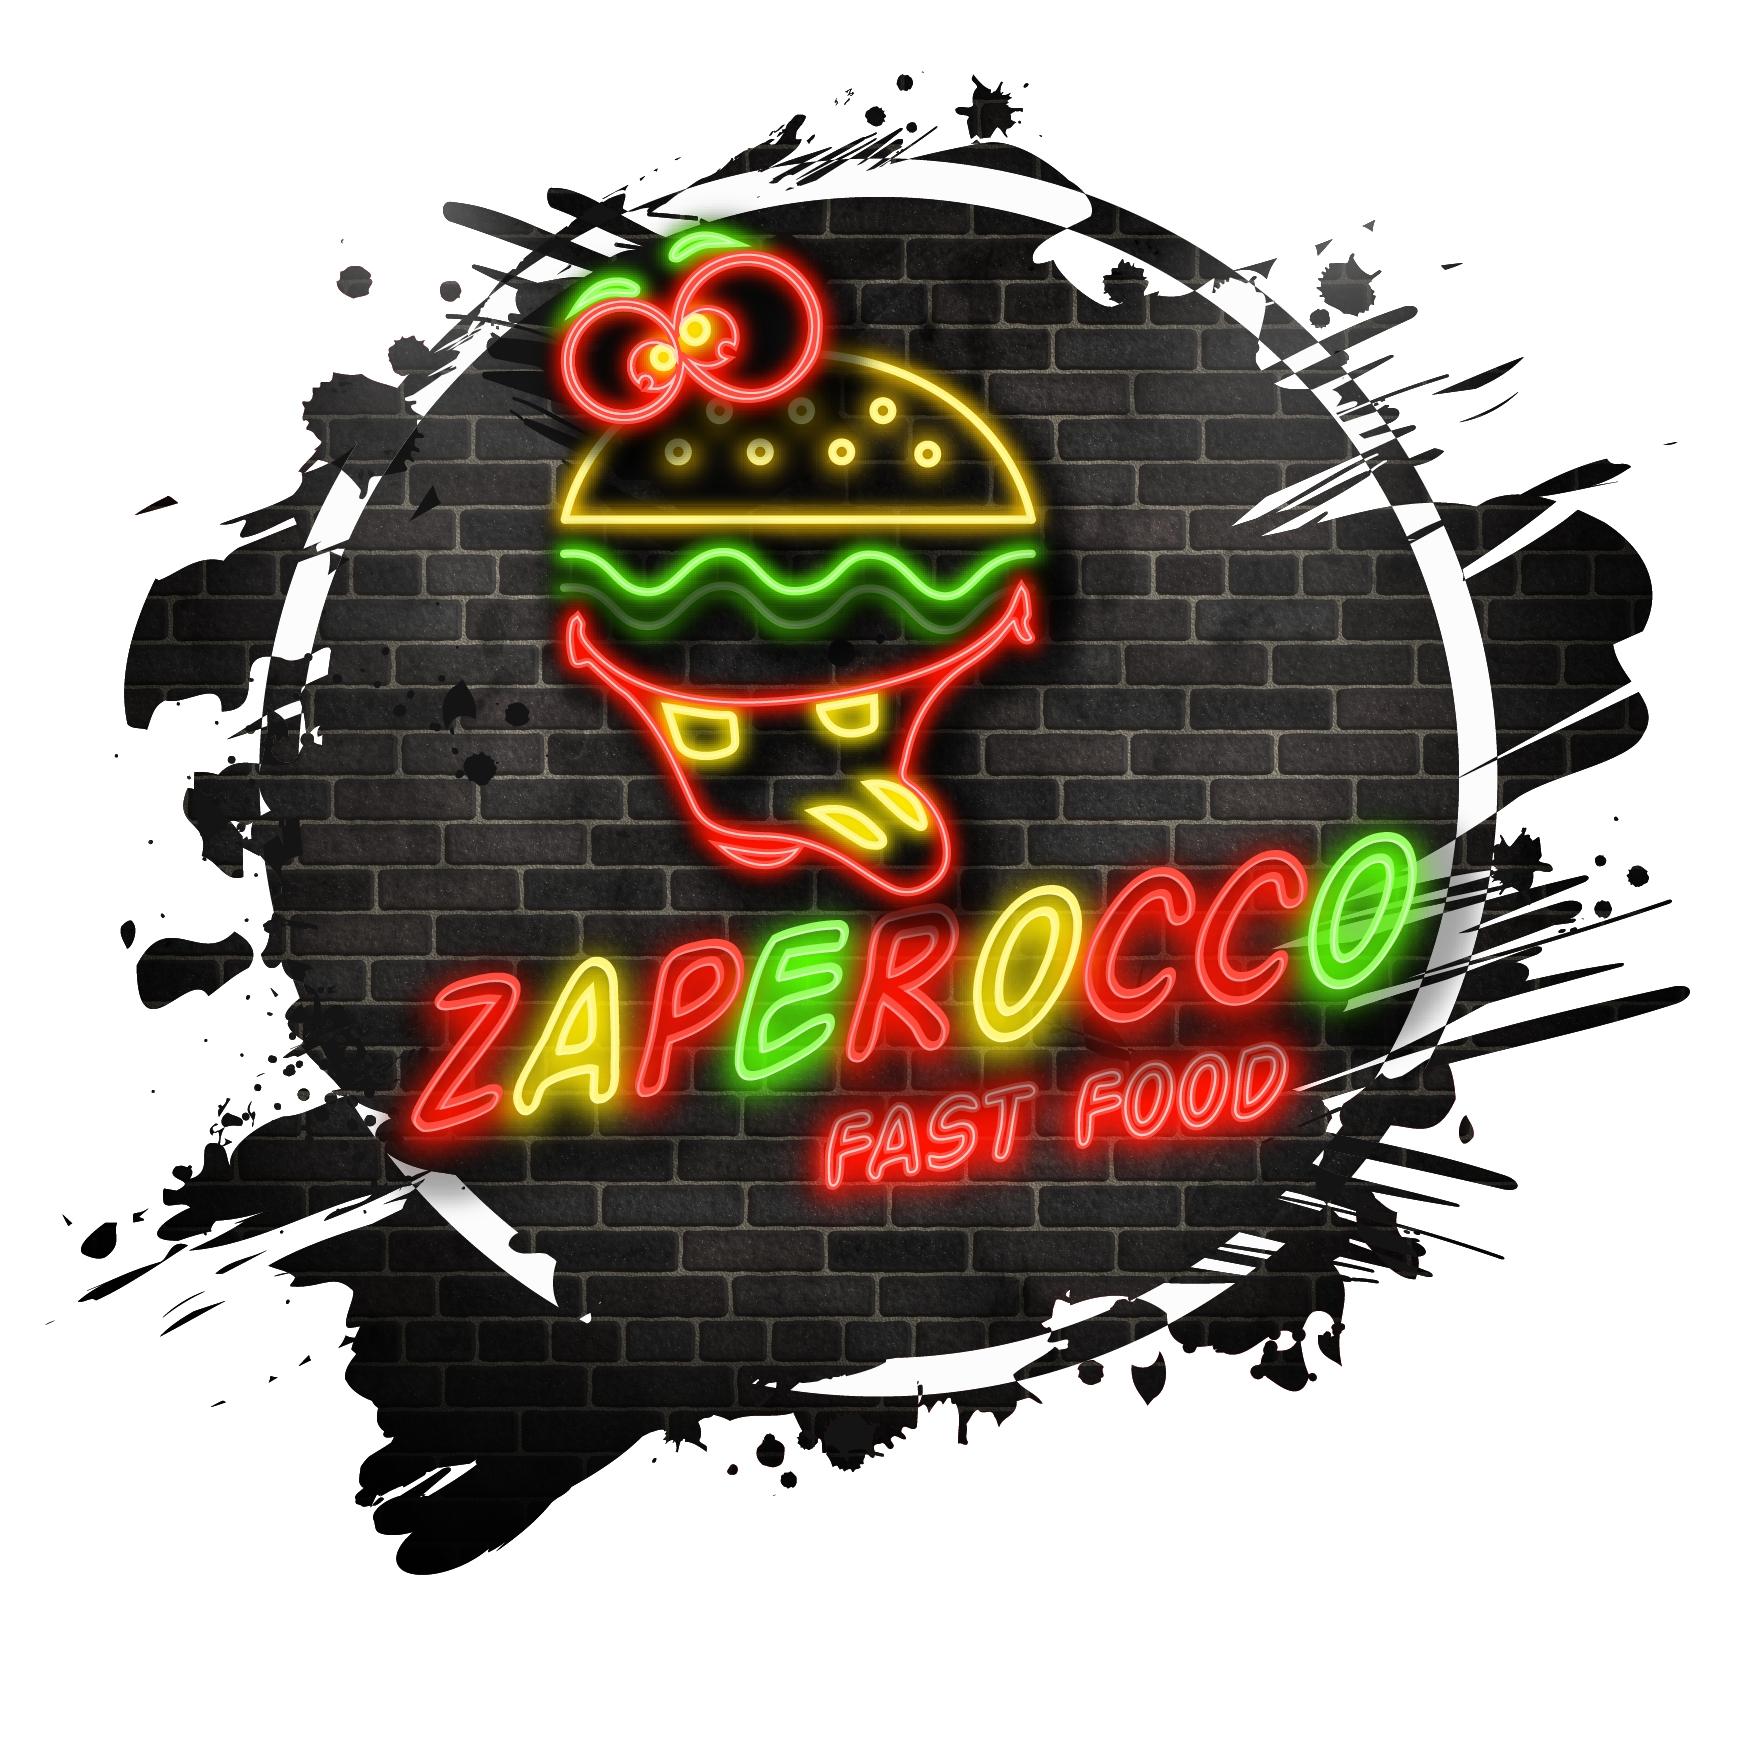 Zaperocco Norte